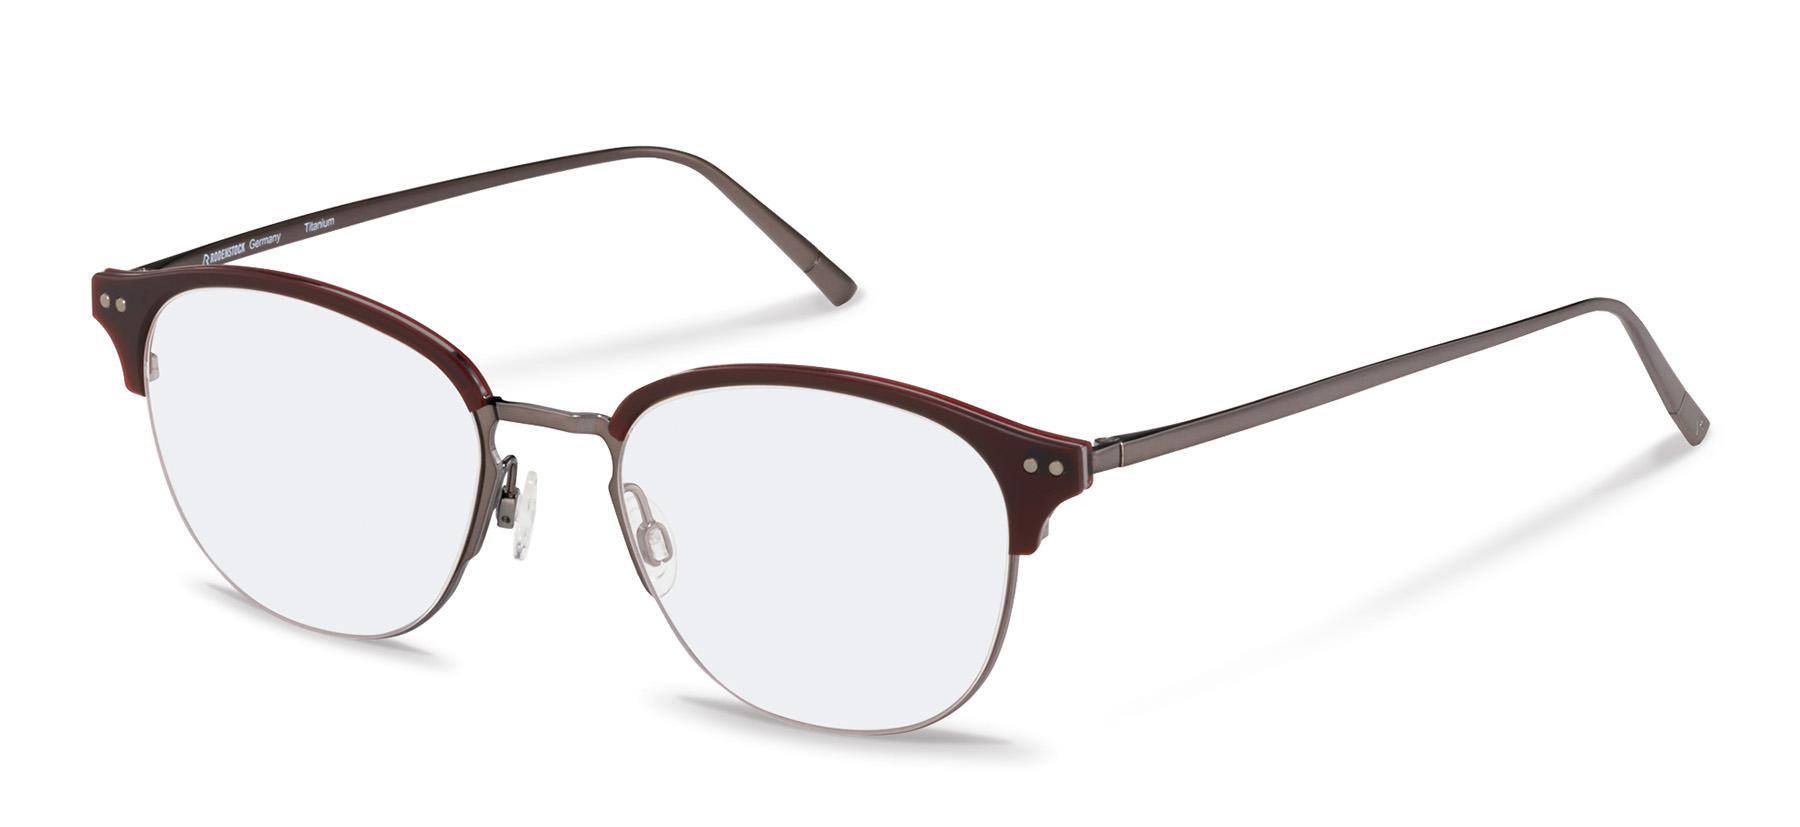 480308091b6 Rodenstock-Correction frame-R7083-black